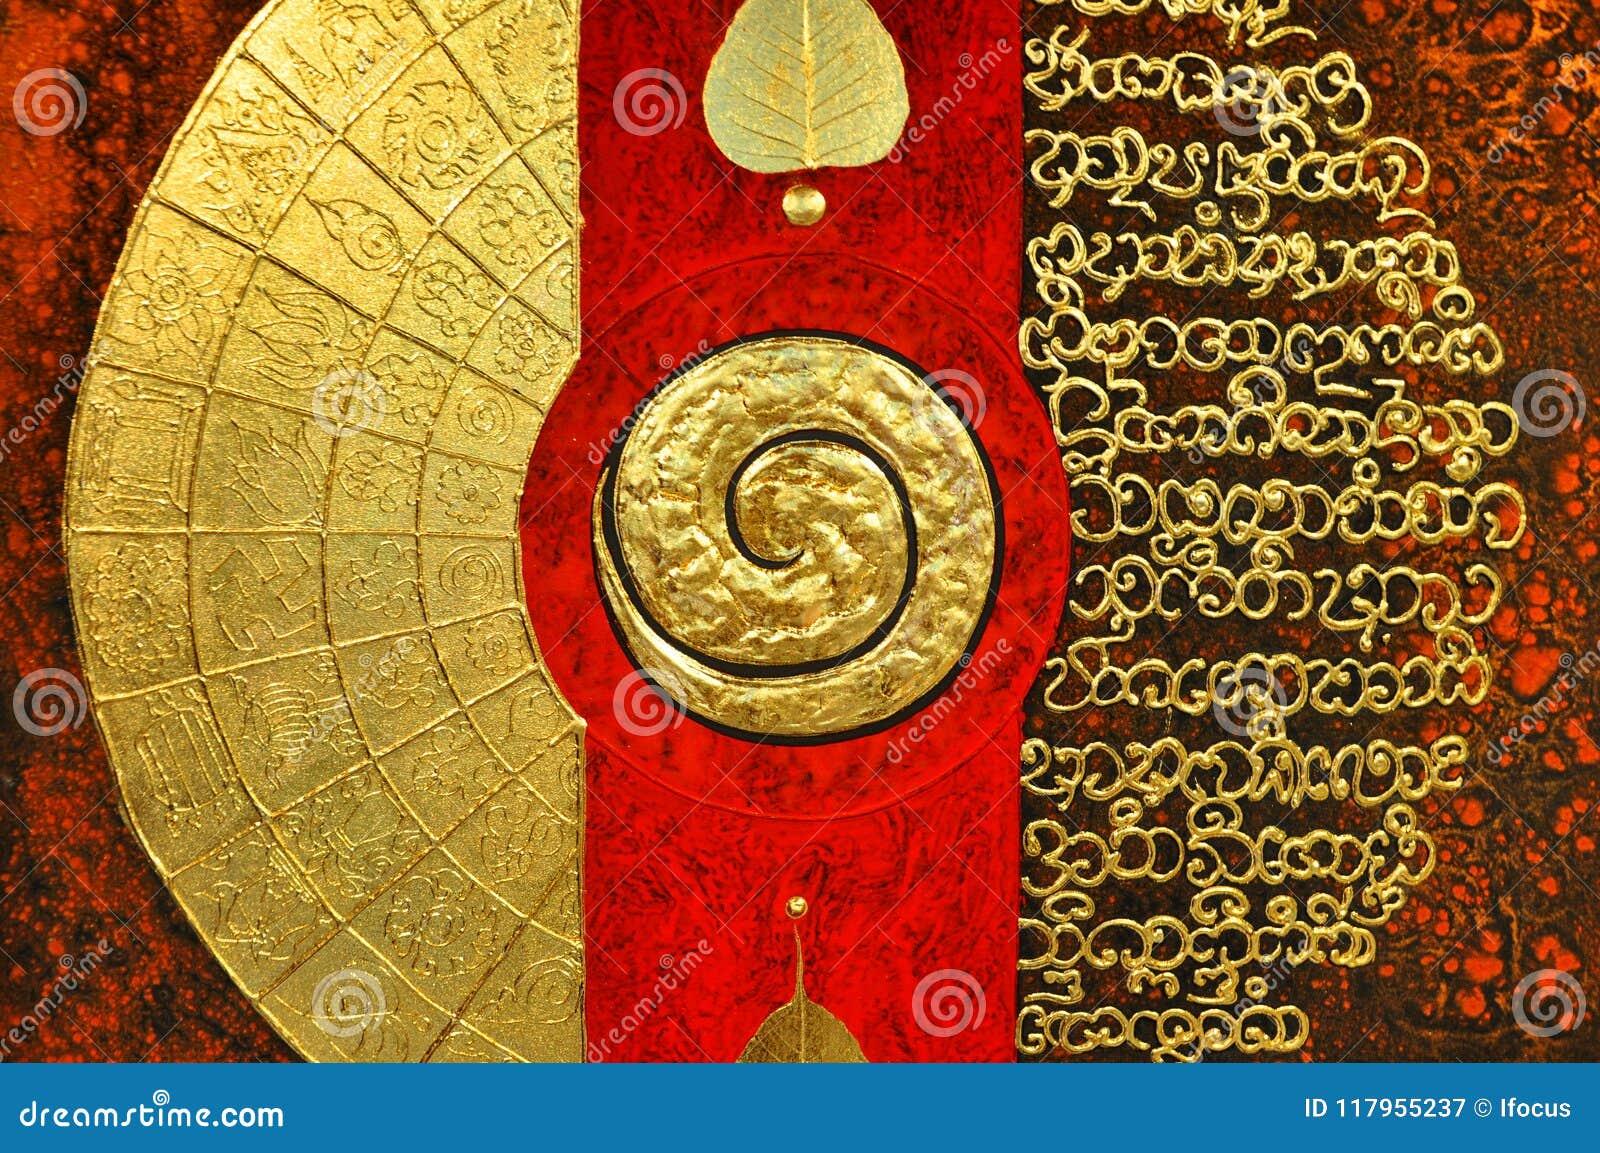 Pintura espiritual con símbolo espiral, oro y rojo